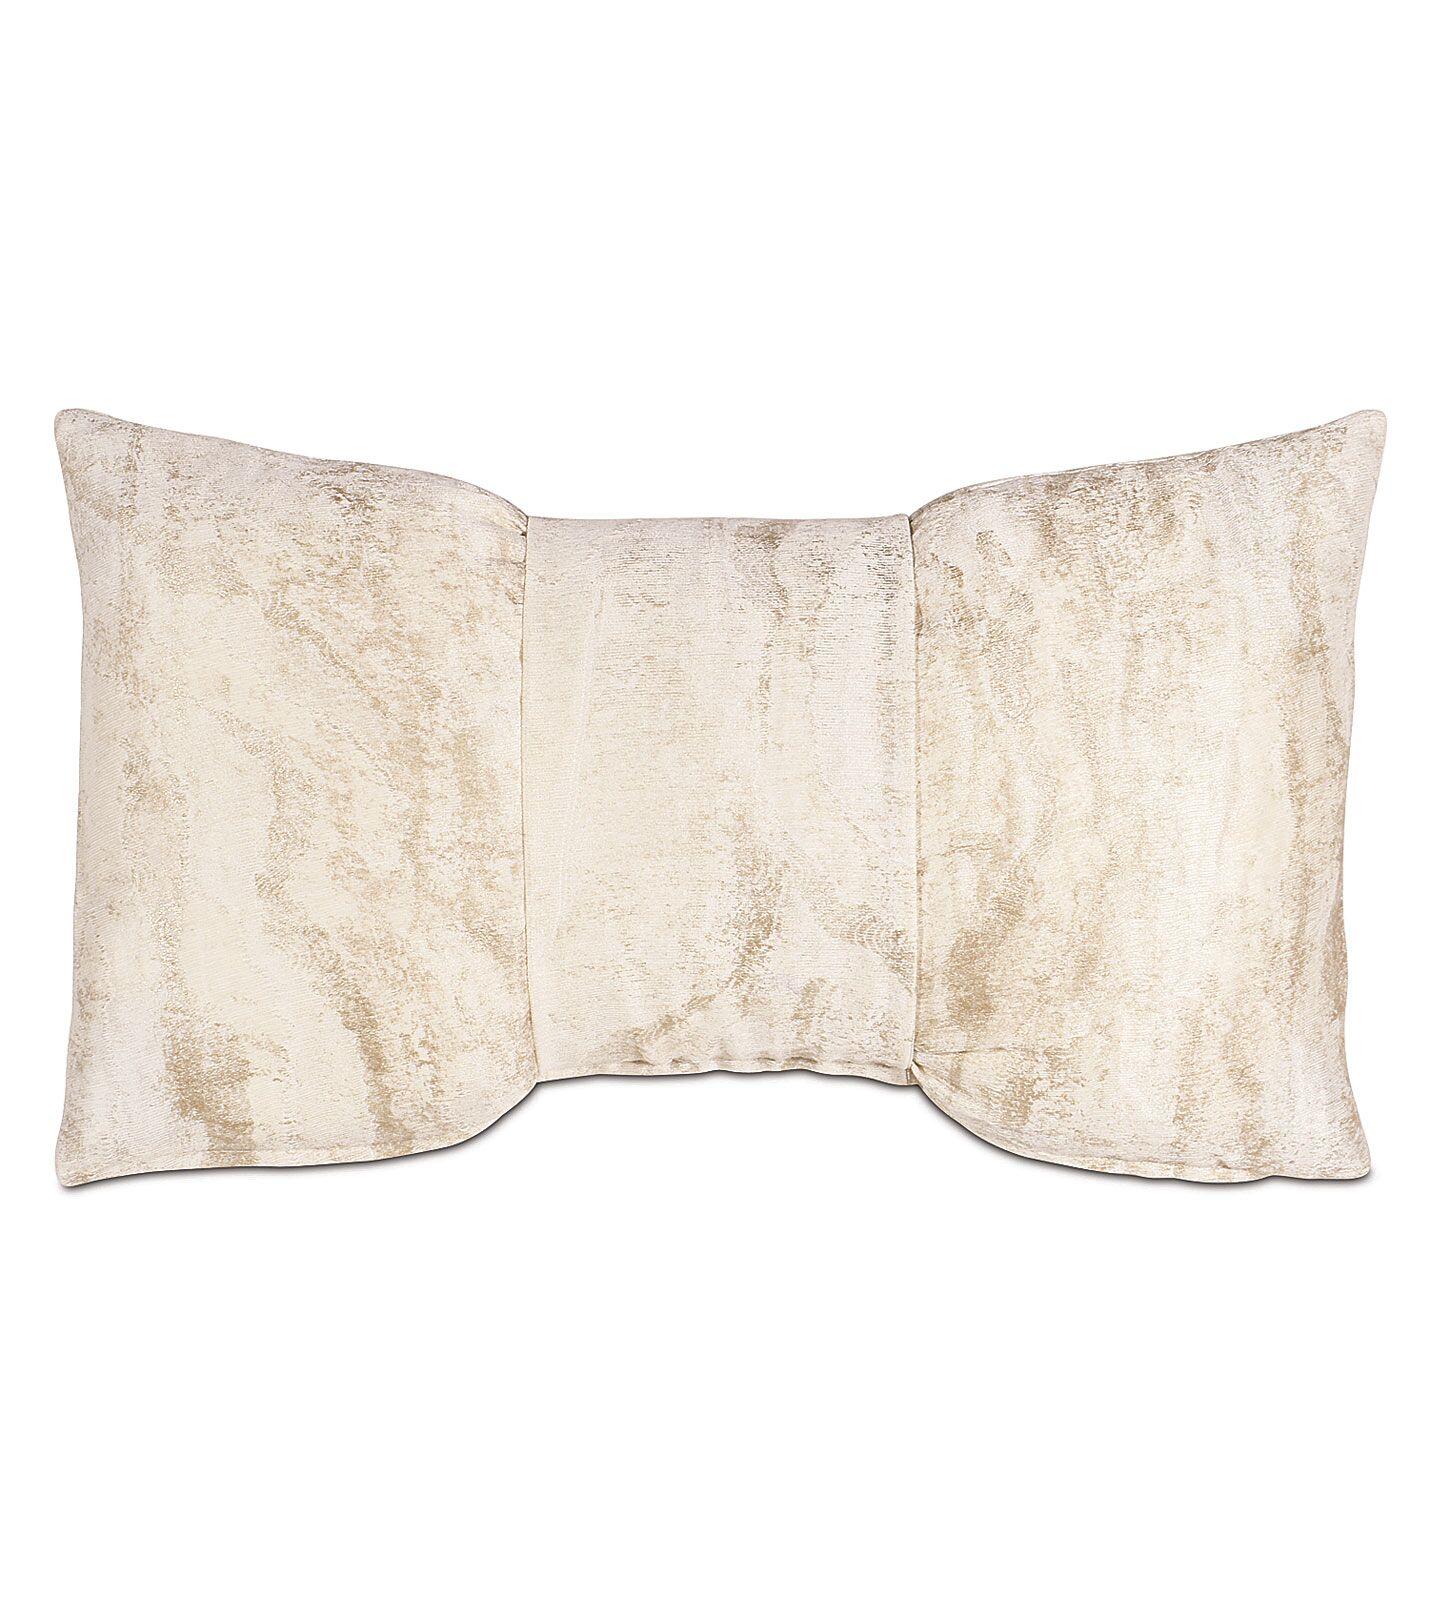 Halo Lumbar Pillow